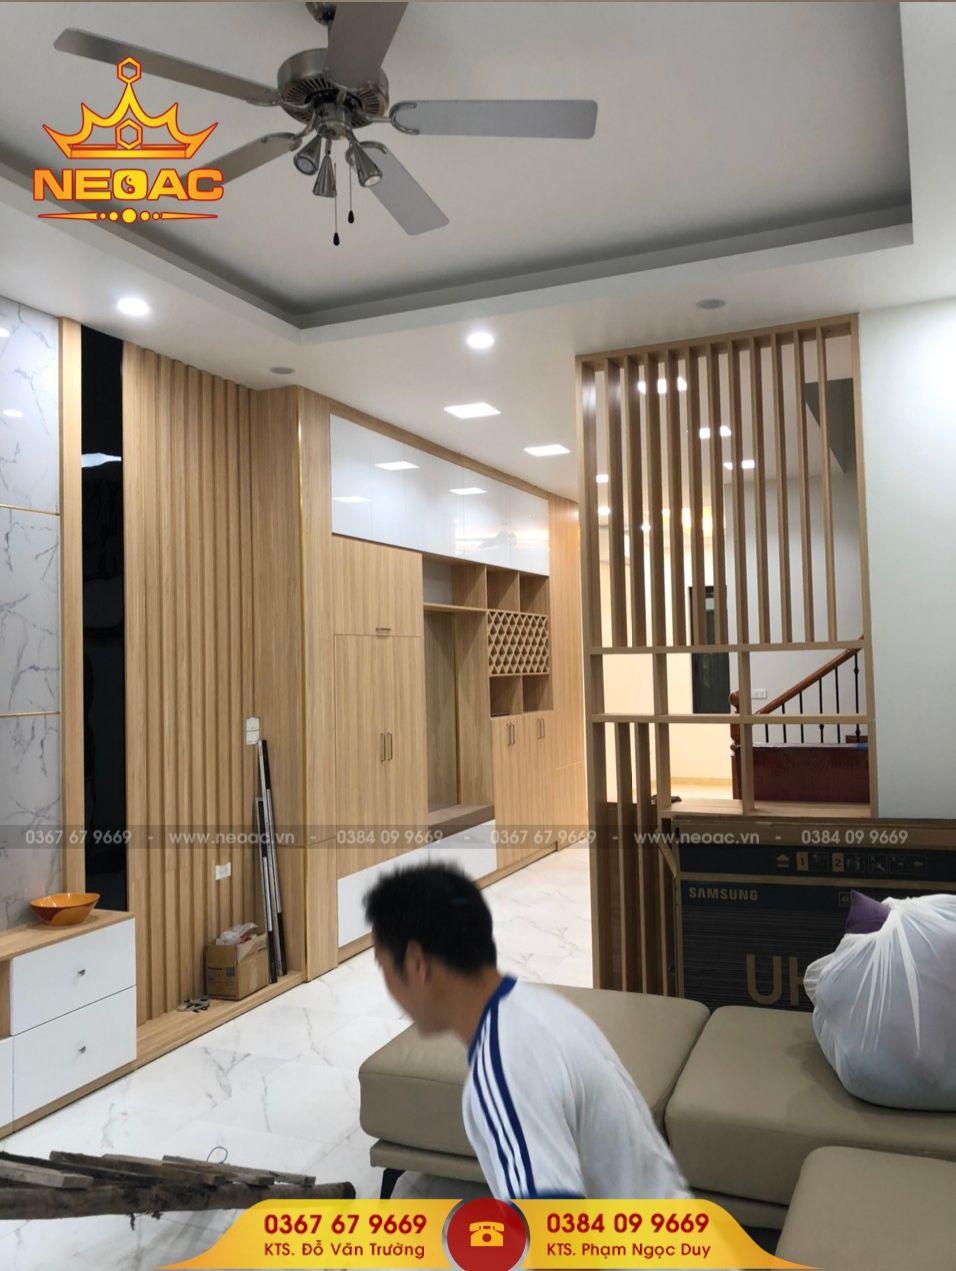 Mẫu nội thất nhà phố 5 tầng tại Long Biên, Hà Nội